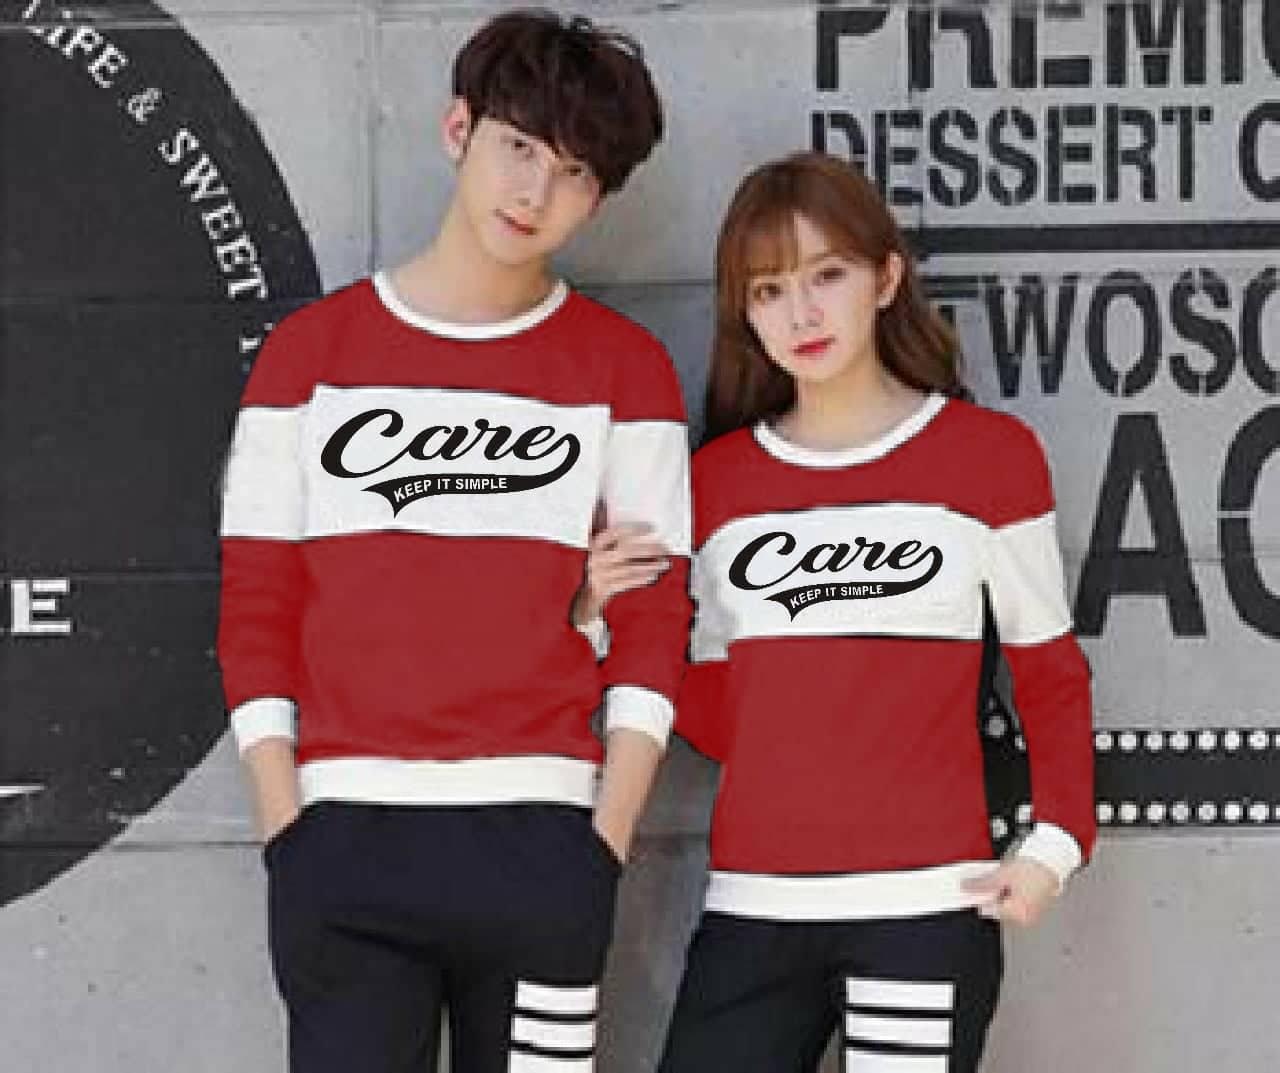 ... COWOK DAN CEWEK. IDR 75,699 IDR75699. View Detail. JS - Baju Kaos Couple Care Keep / Kaos Lengan Panjang / T-Shirt Couple